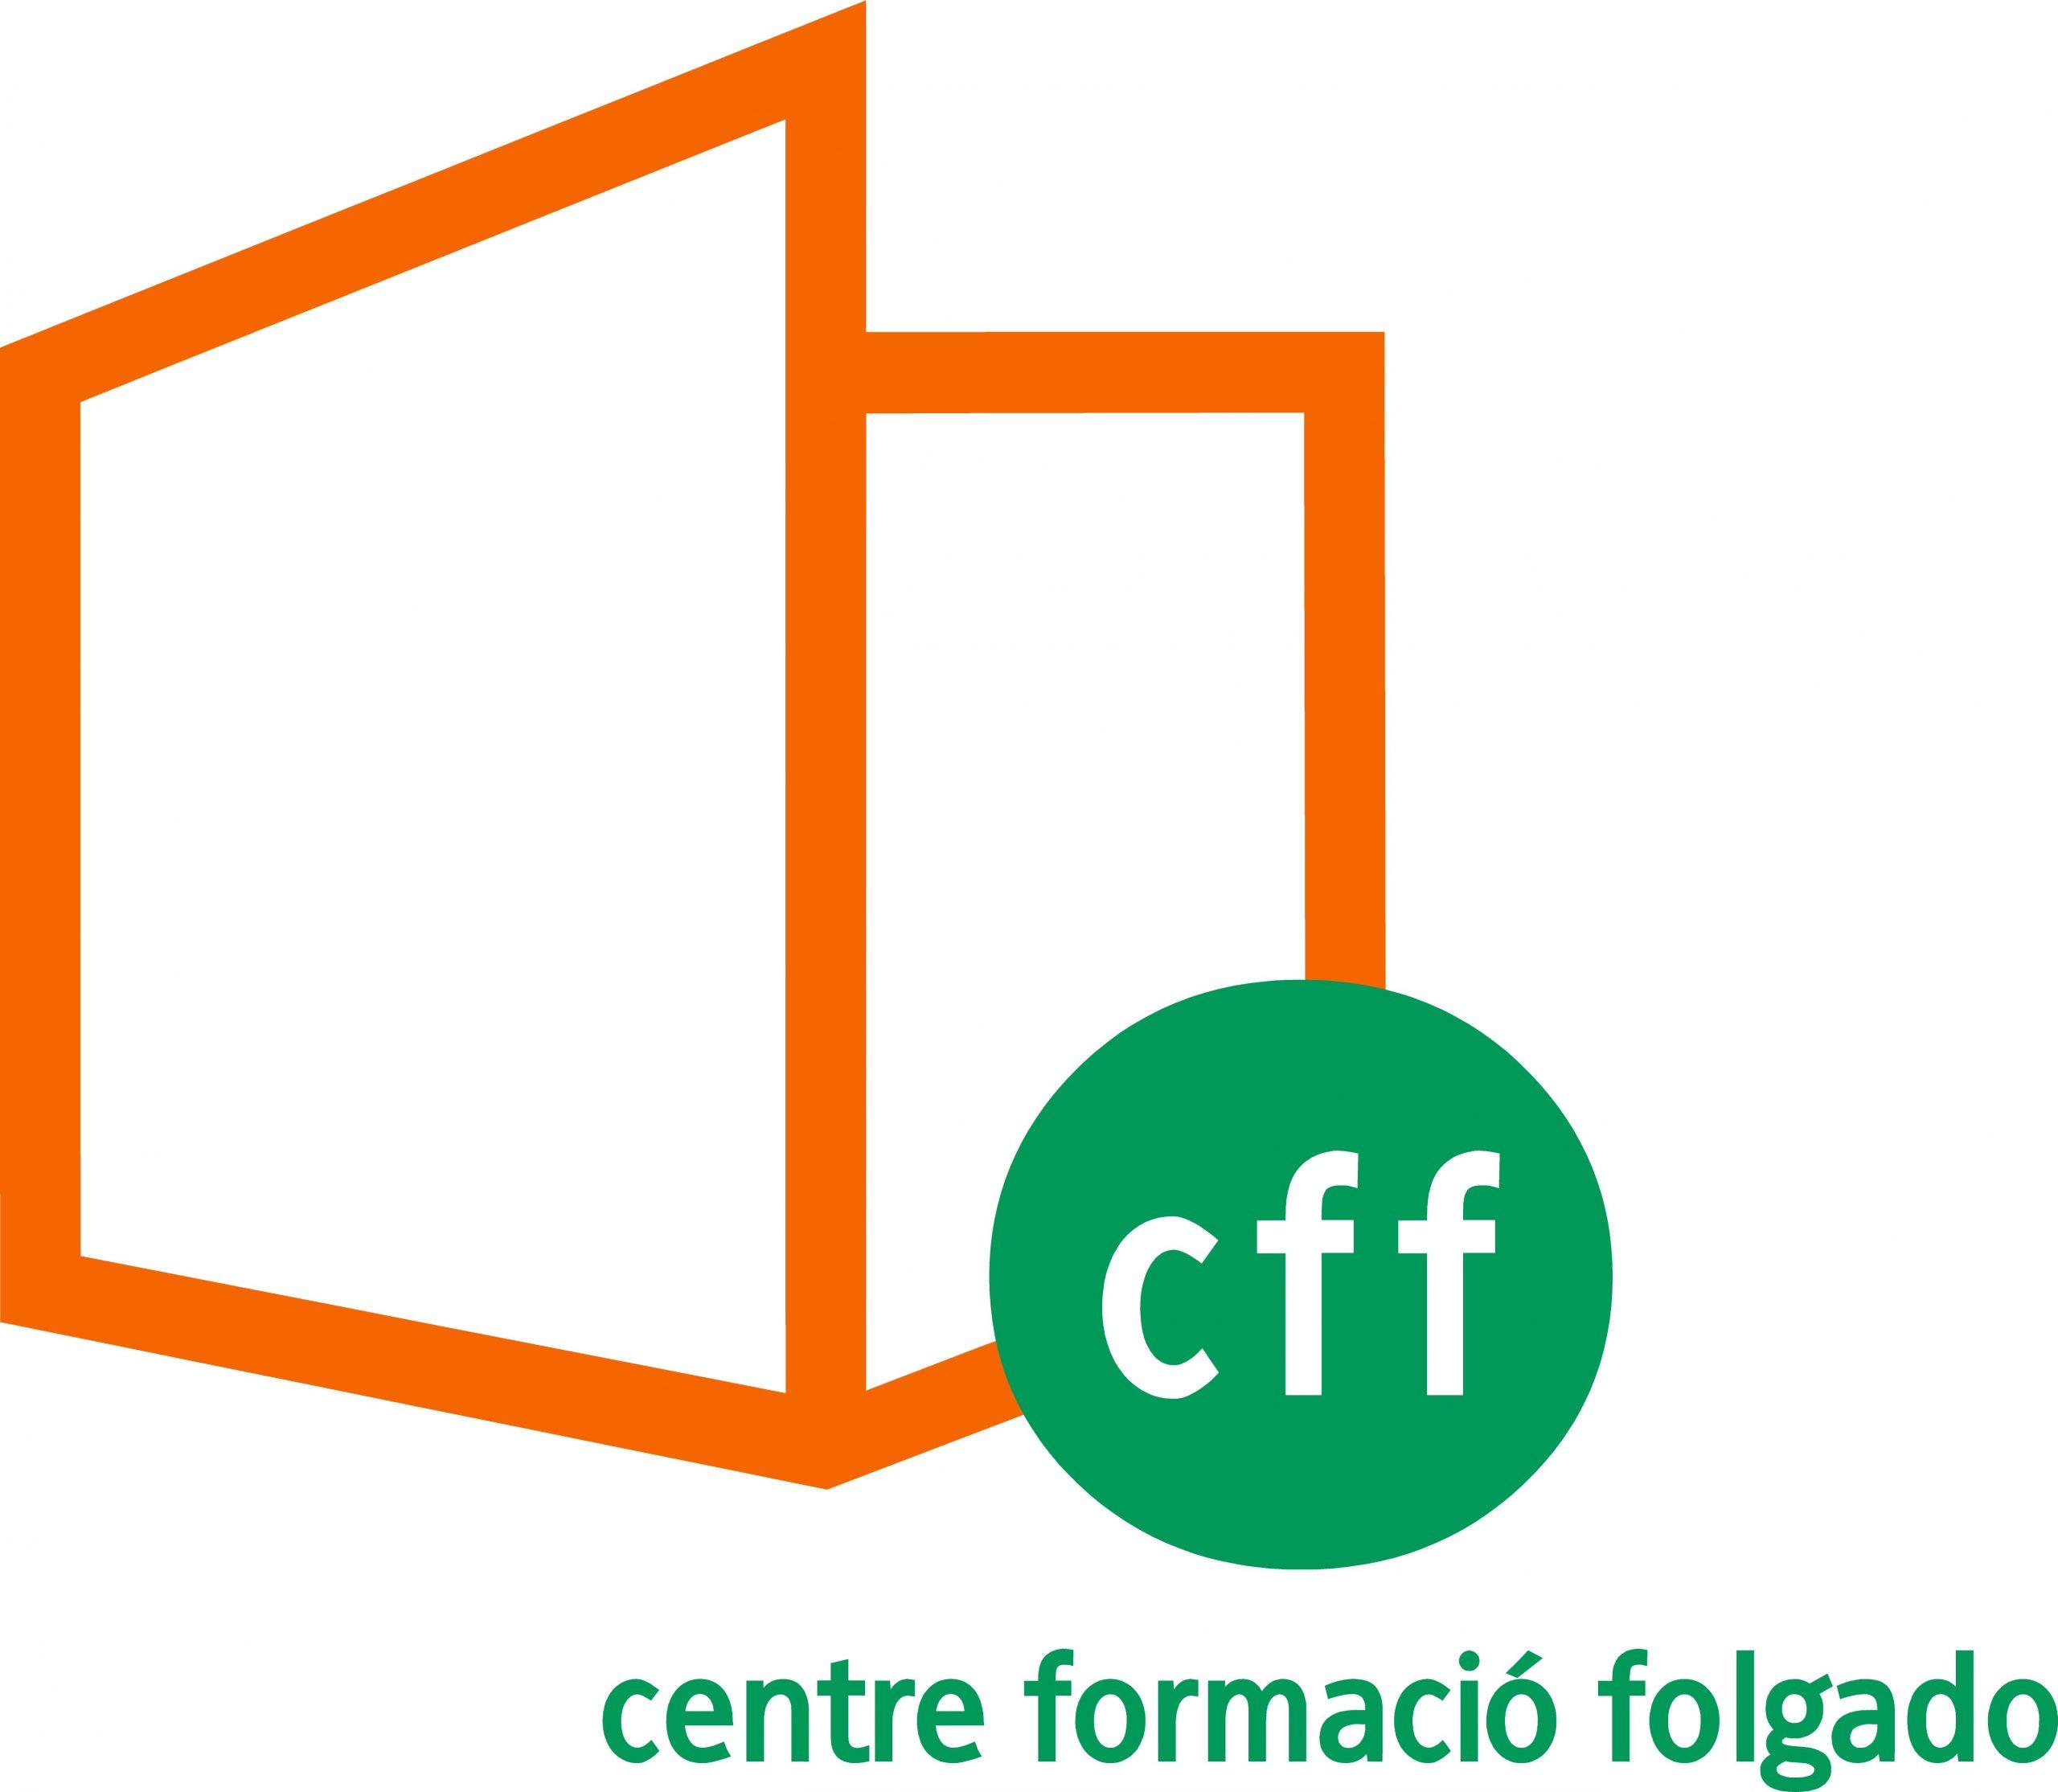 CENTRE DE FORMACIÓ FOLGADO